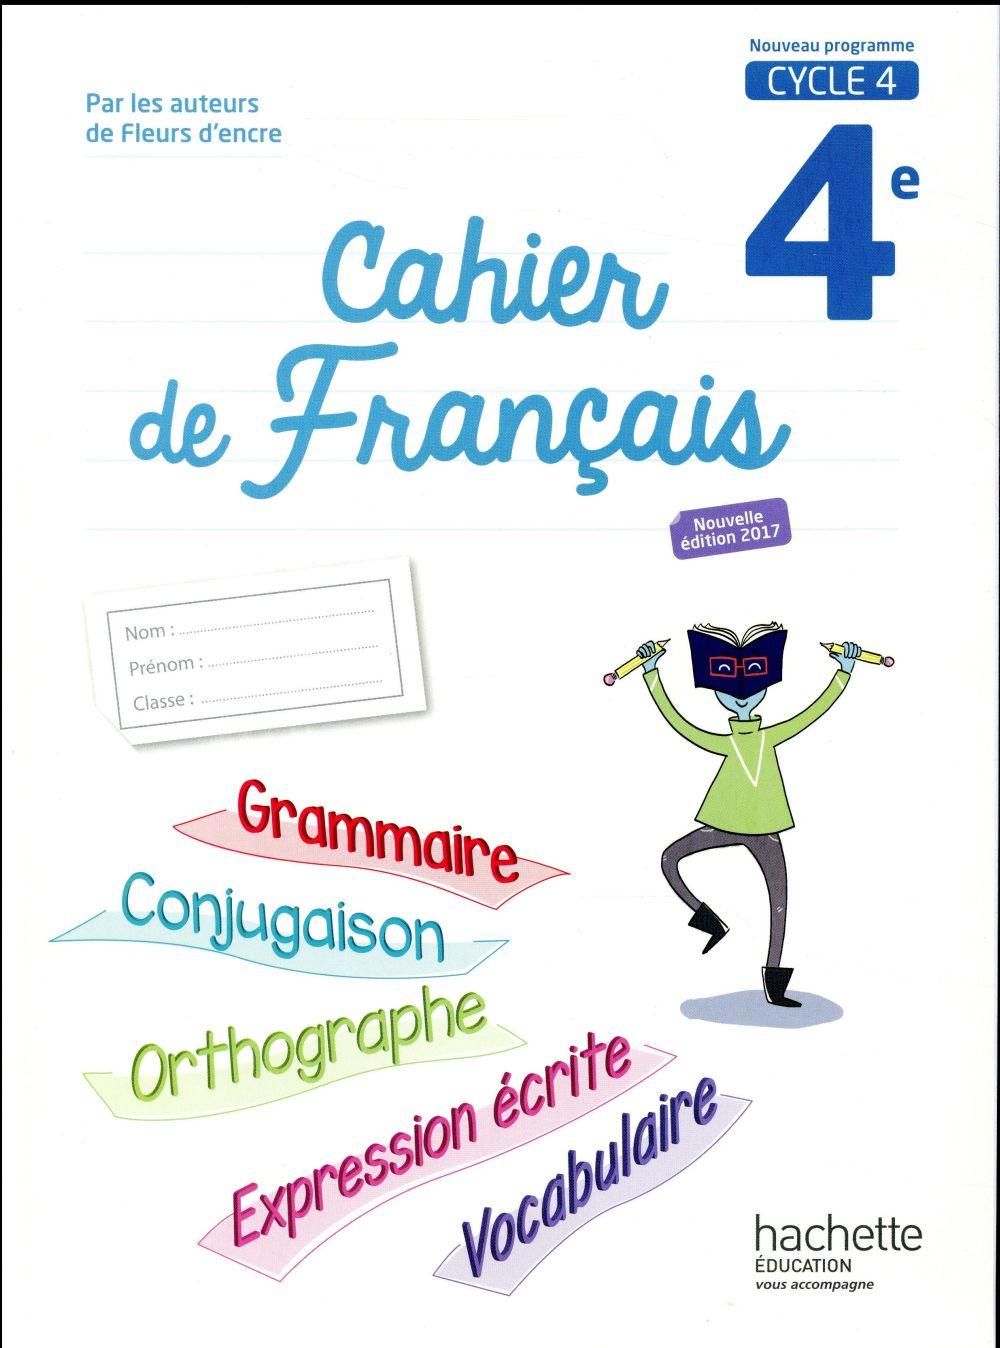 Cahier De Francais Cycle 4 4e Edition 2017 Chantal Bertagna Francoise Carrier Hachette Education Grand Format Lamartine Paris